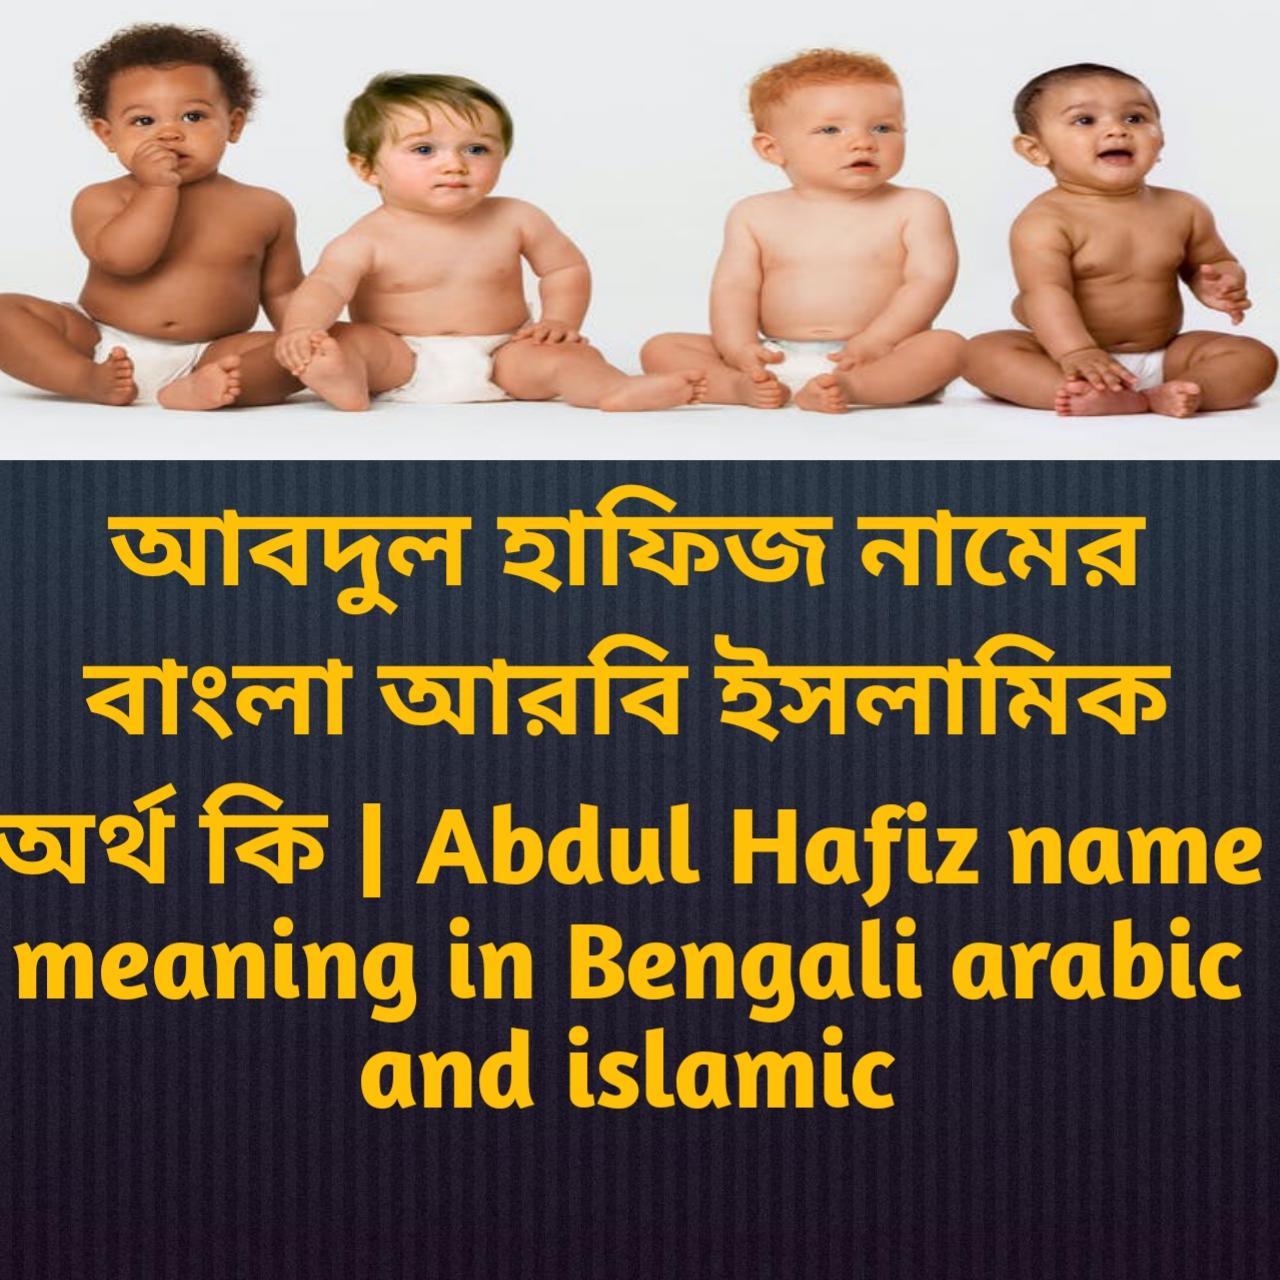 আবদুল হাফিজ নামের অর্থ কি, আবদুল হাফিজ নামের বাংলা অর্থ কি, আবদুল হাফিজ নামের ইসলামিক অর্থ কি, Abdul Hafiz name meaning in Bengali, আবদুল হাফিজ কি ইসলামিক নাম,